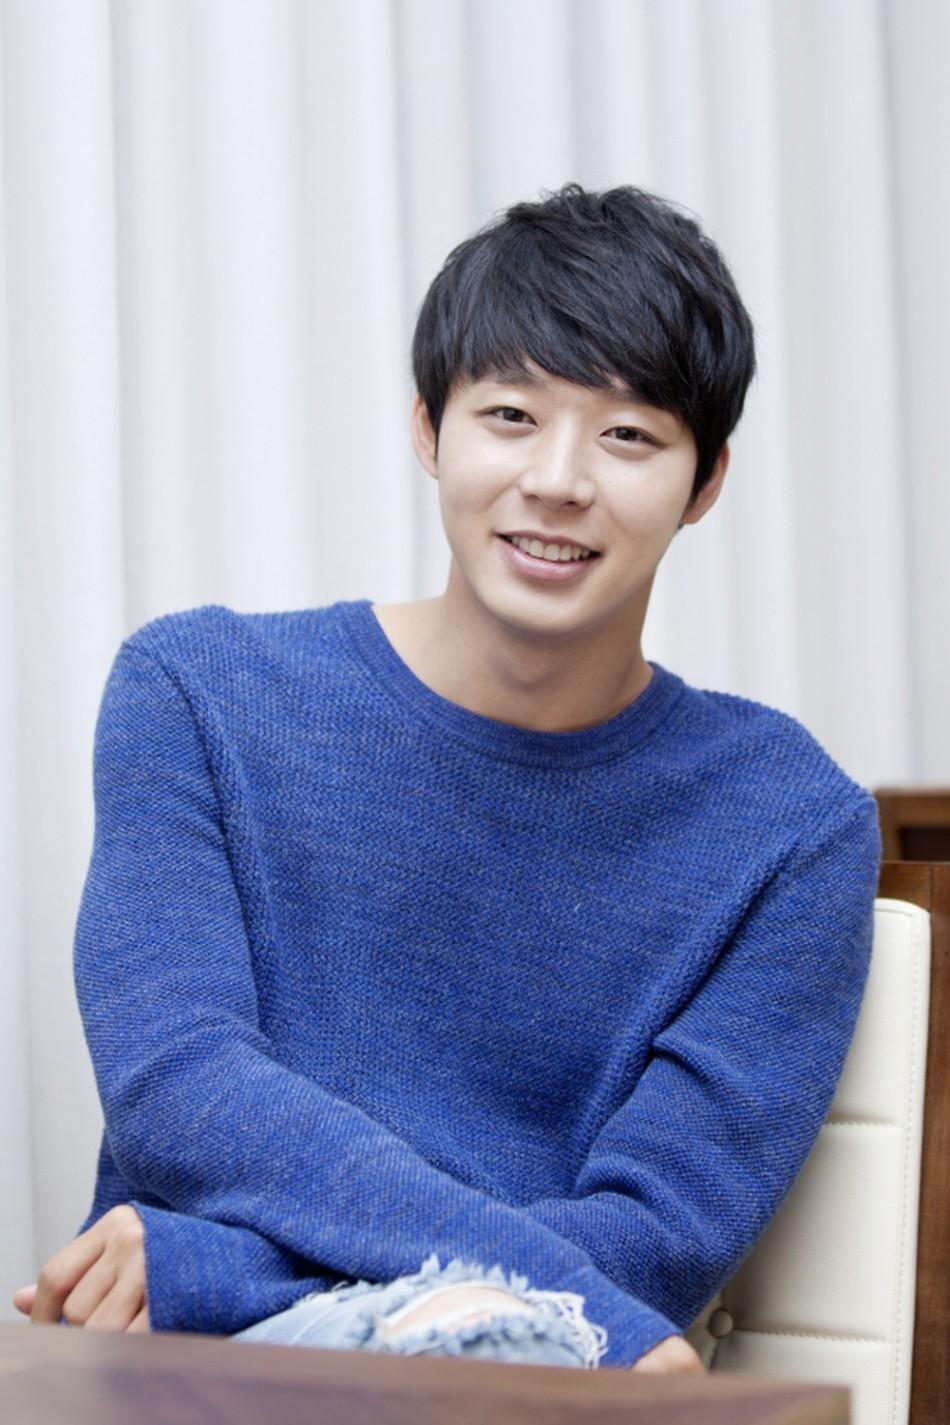 Vị trí thứ 2 thuộc về Park Yoochun với 1.382 bình chọn (28.5%)